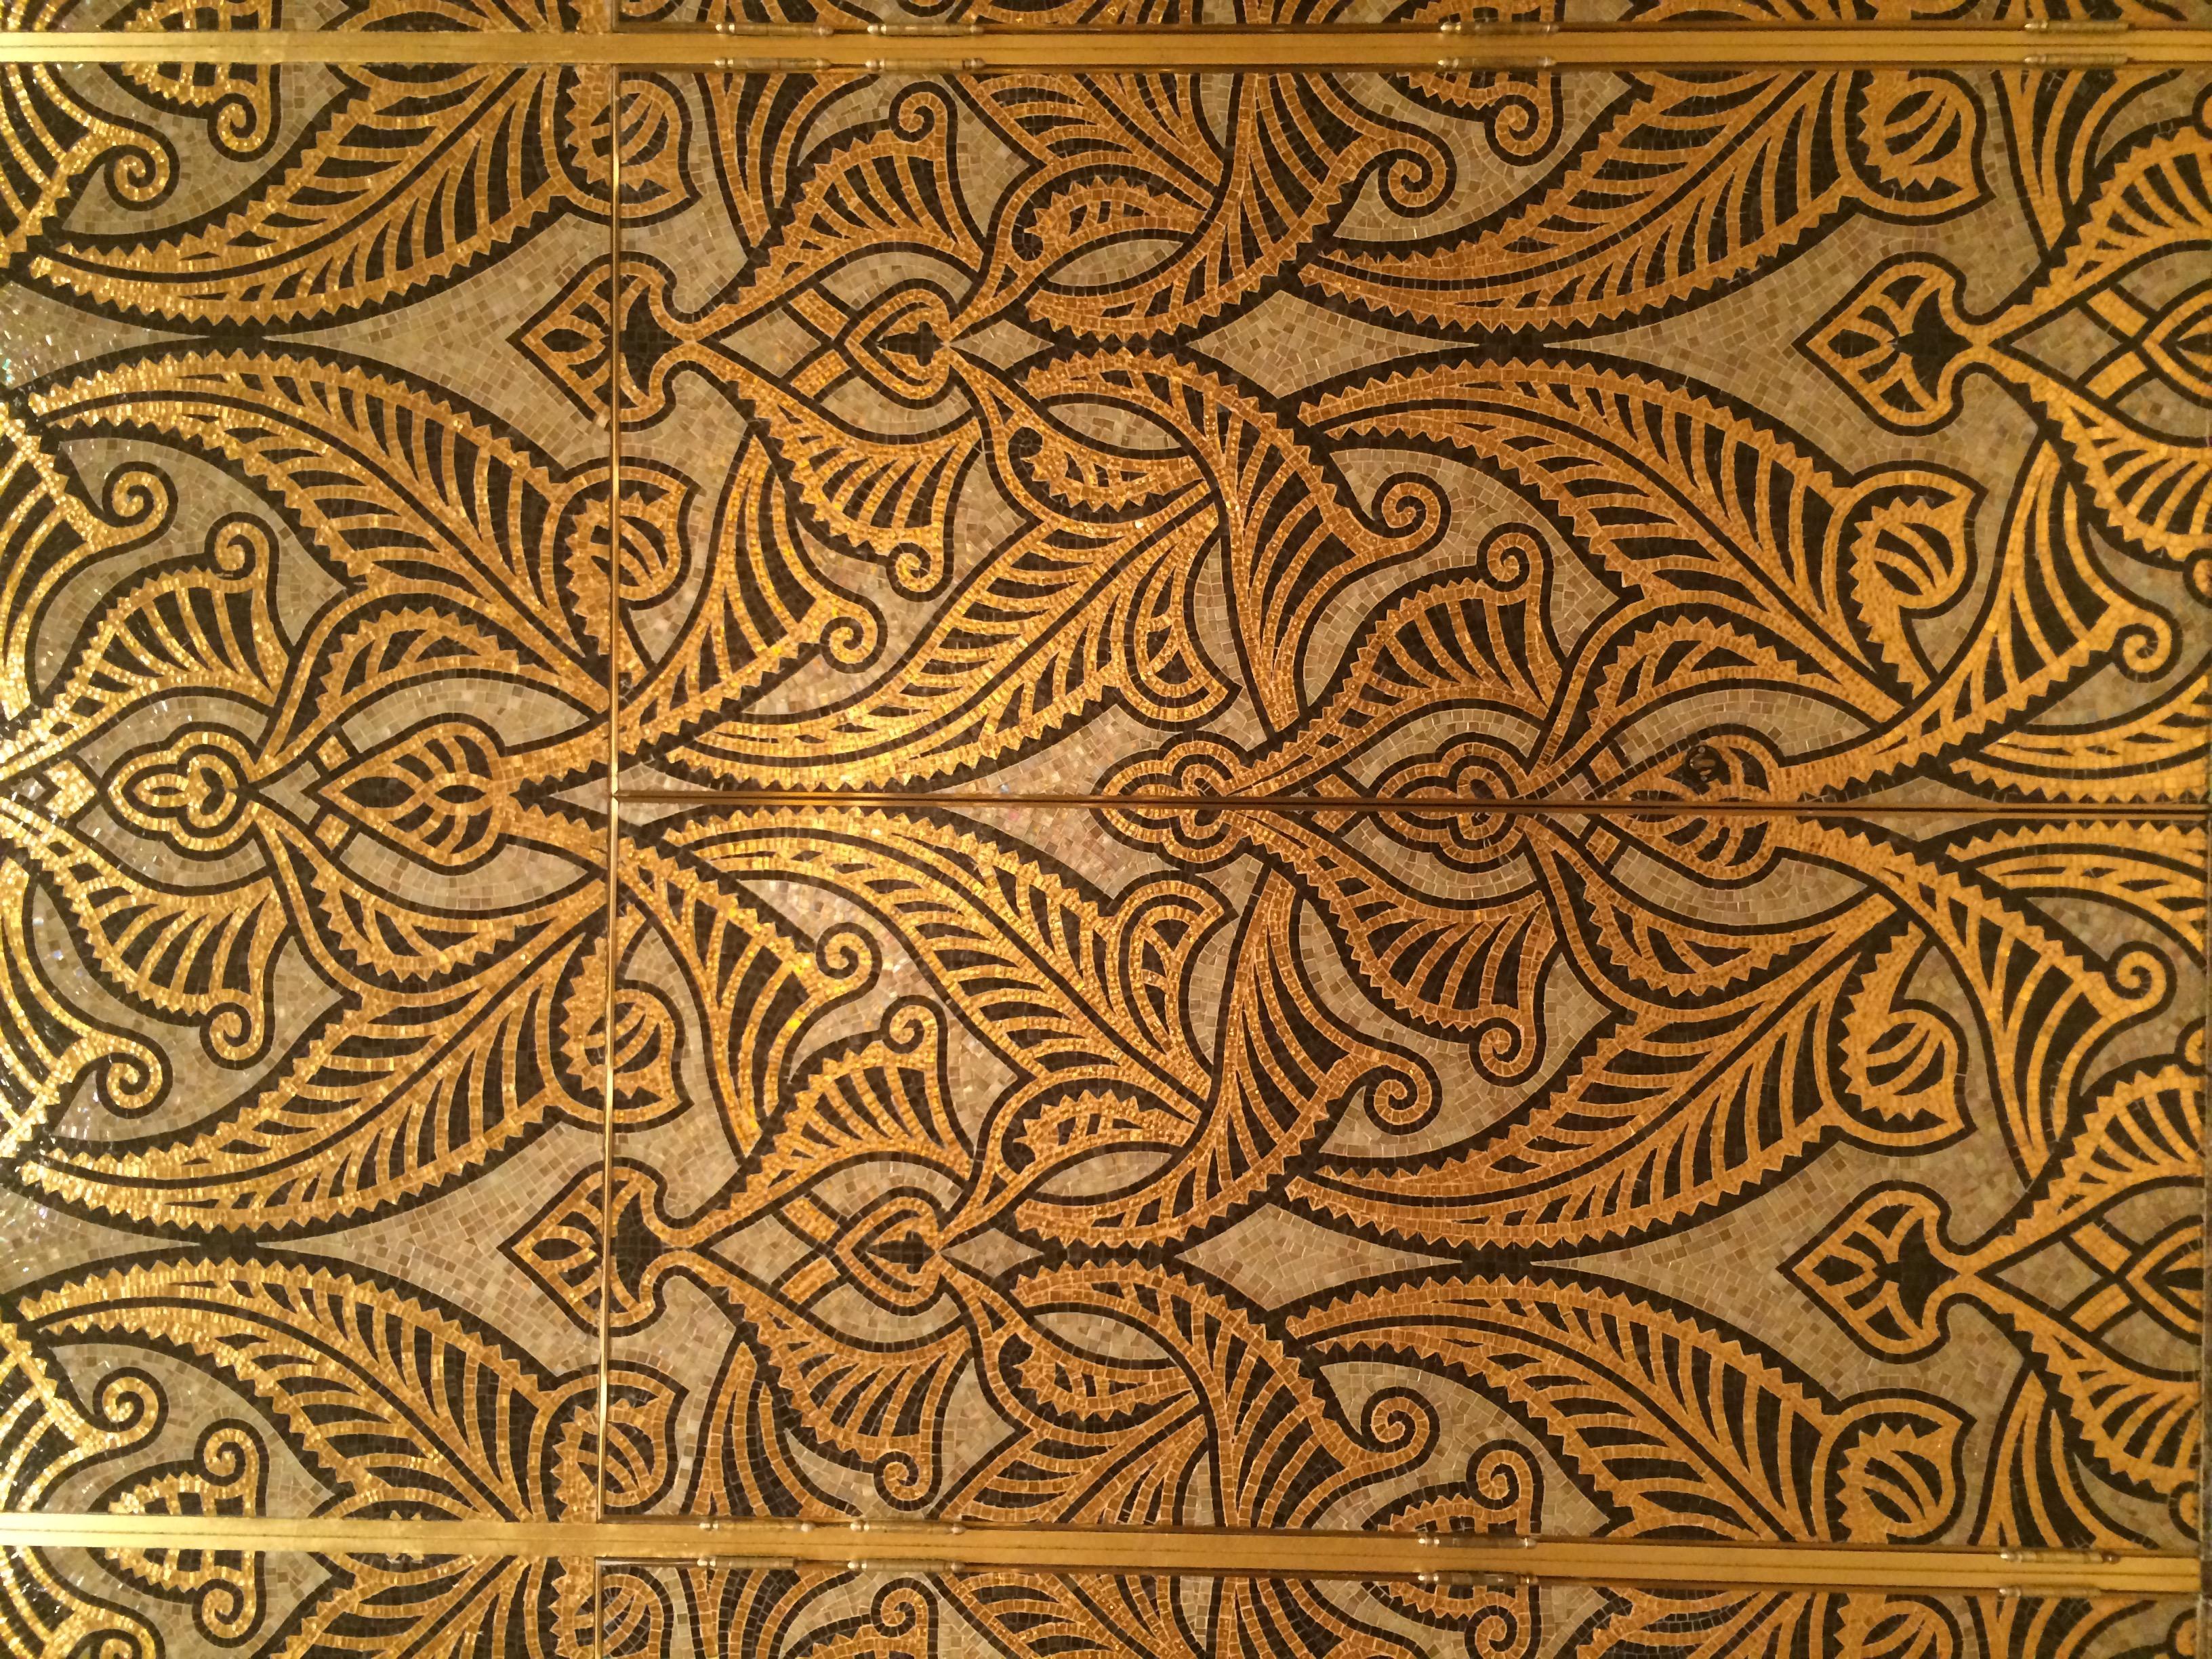 Mosaic at Emirates Palace